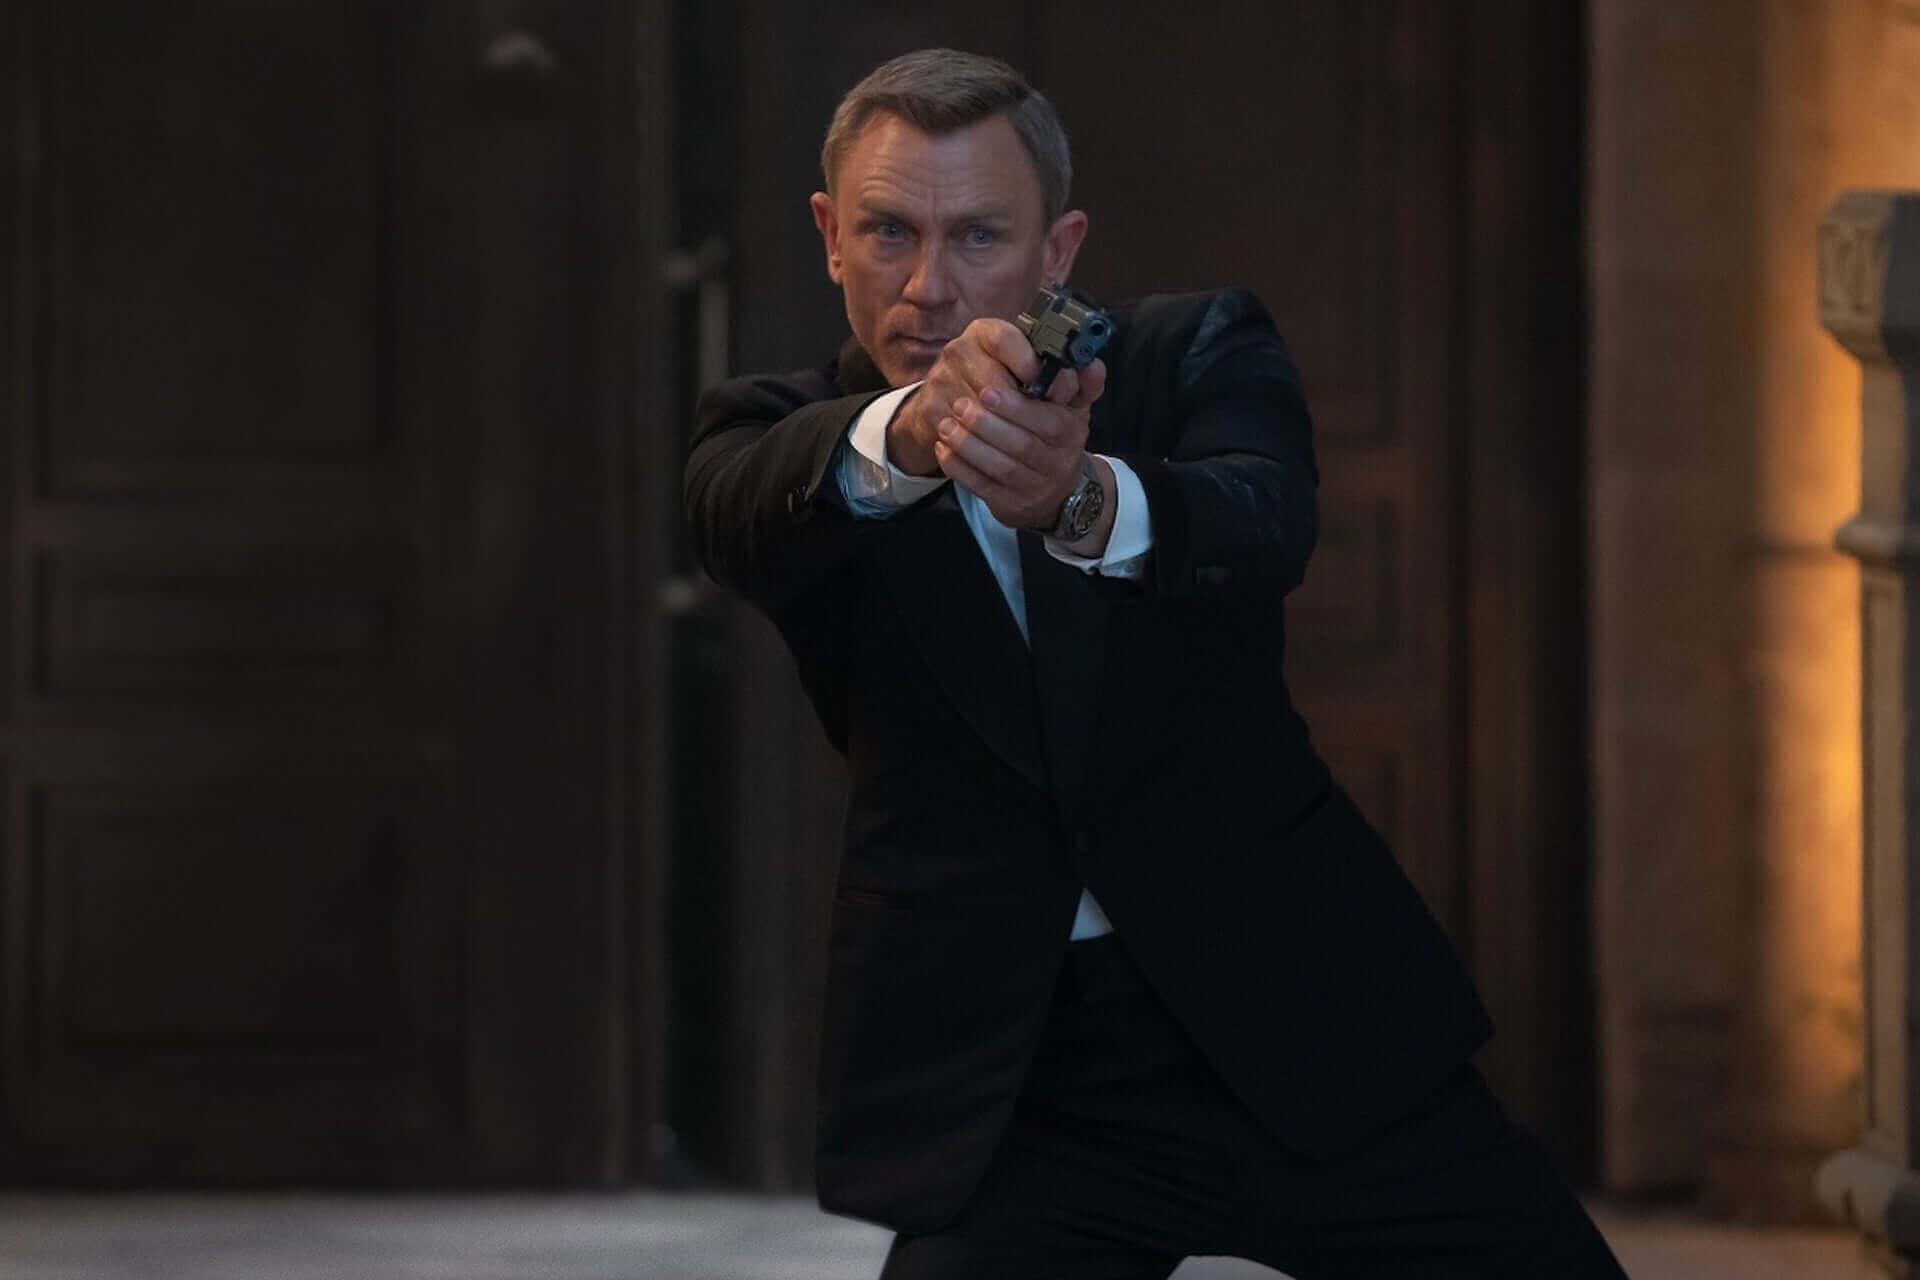 ダニエルボンドを襲う最強の敵・サフィンの正体とは?『007/ノー・タイム・トゥ・ダイ』特別映像が解禁 film210922_007_ntd_4